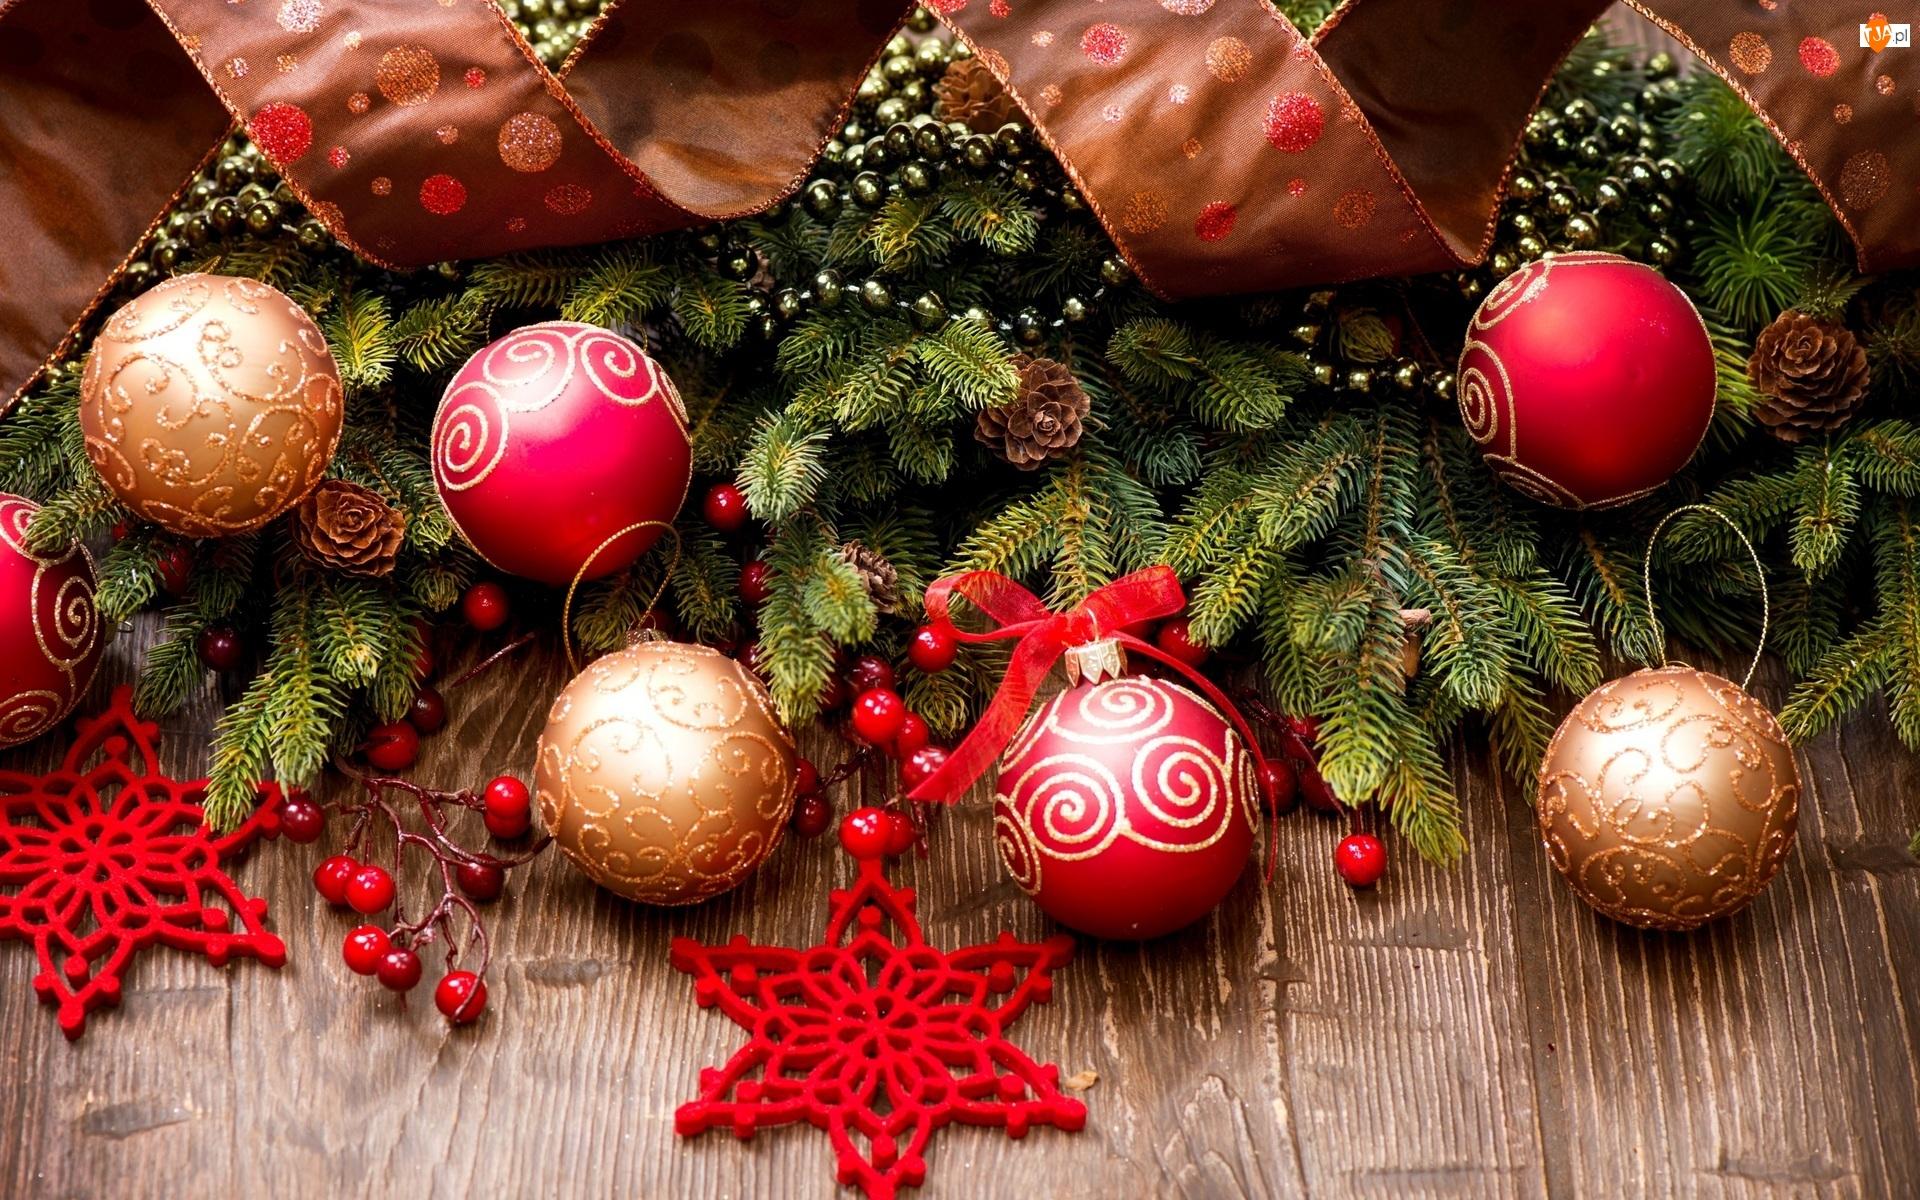 Dekoracja, Świąteczna, Świerkowe, Gwiazdki, Gałązki, Bombki